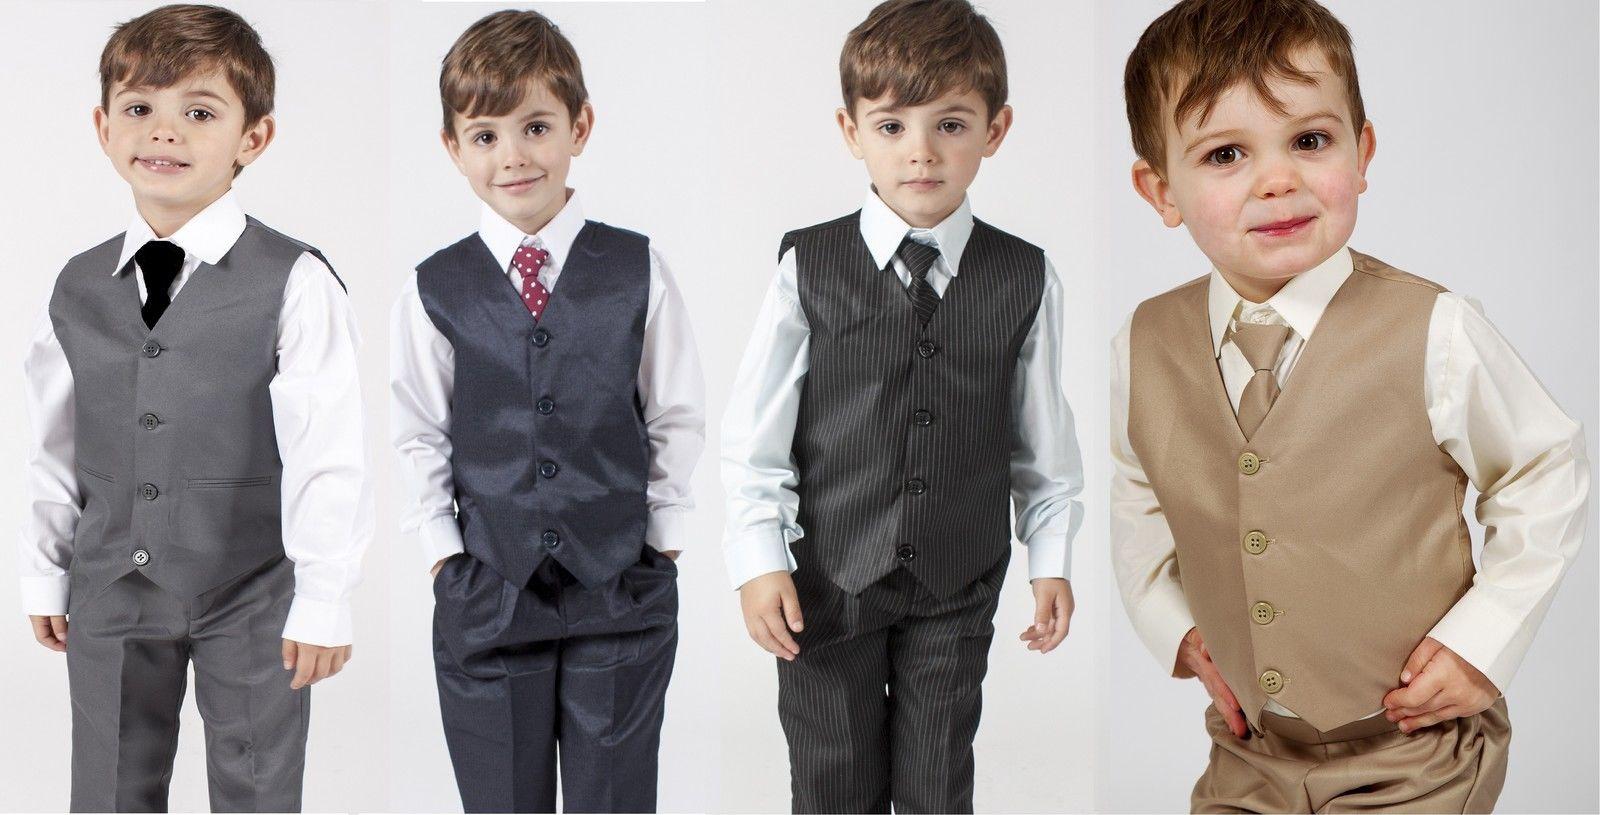 NOVINKA - dětský oblek k zapůjčení, 3m-9 let - Obrázek č. 1